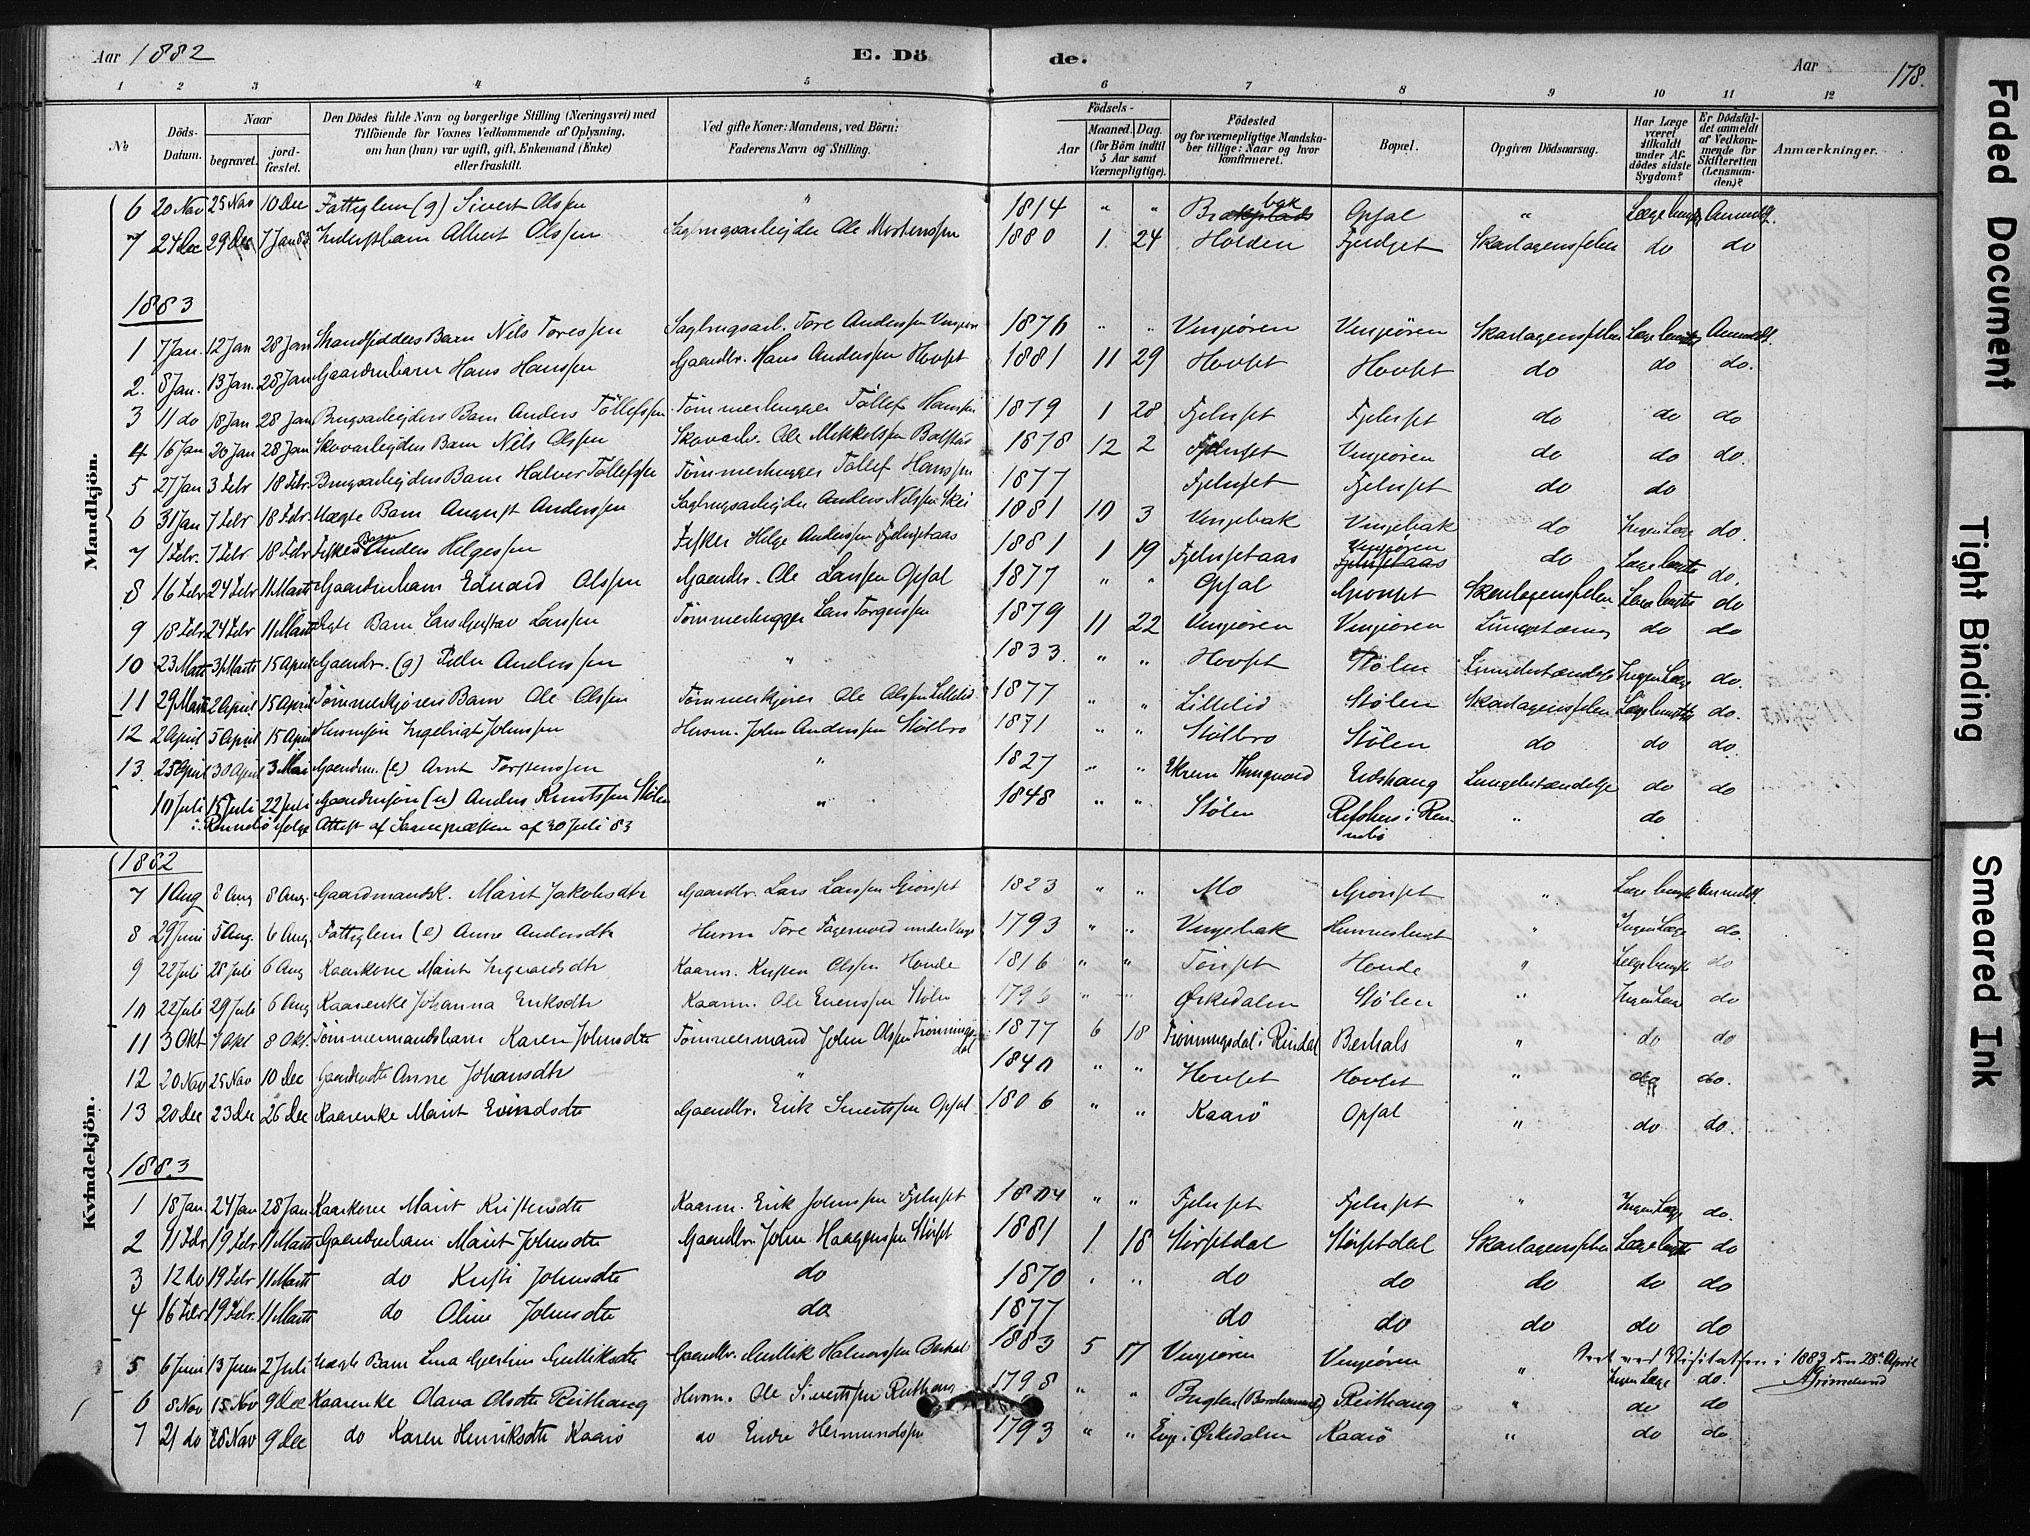 SAT, Ministerialprotokoller, klokkerbøker og fødselsregistre - Sør-Trøndelag, 631/L0512: Ministerialbok nr. 631A01, 1879-1912, s. 178